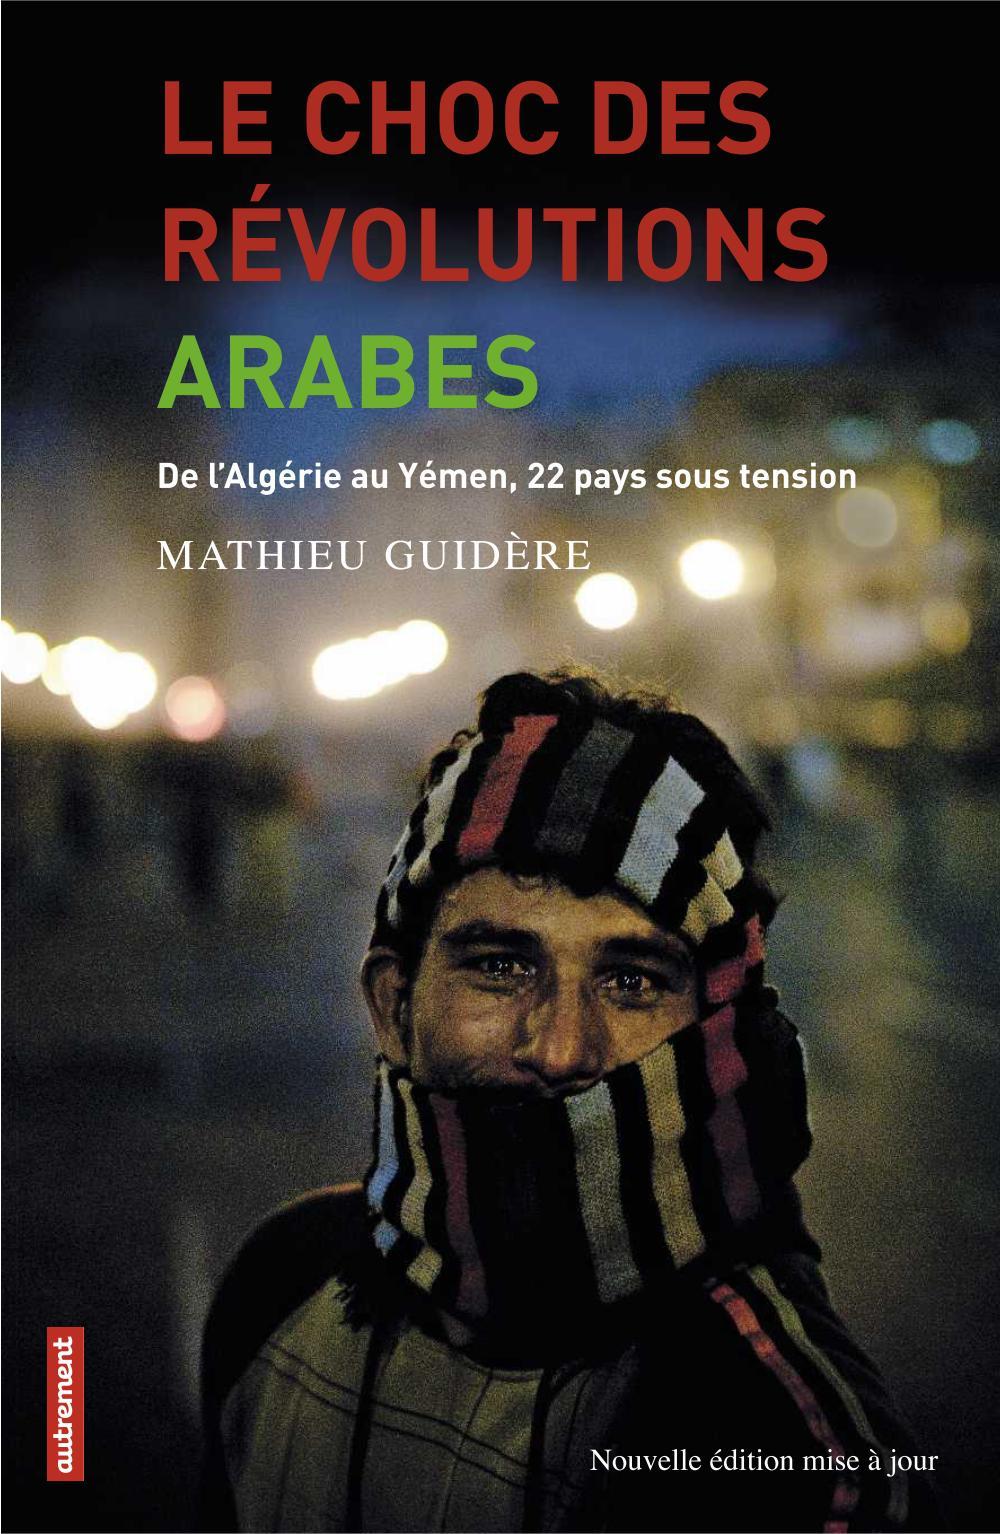 Le choc des révolutions arabes, DE L'ALGÉRIE AU YÉMEN, 22 PAYS SOUS TENSION (NOUVELLE ÉDITION MISE À JOUR)